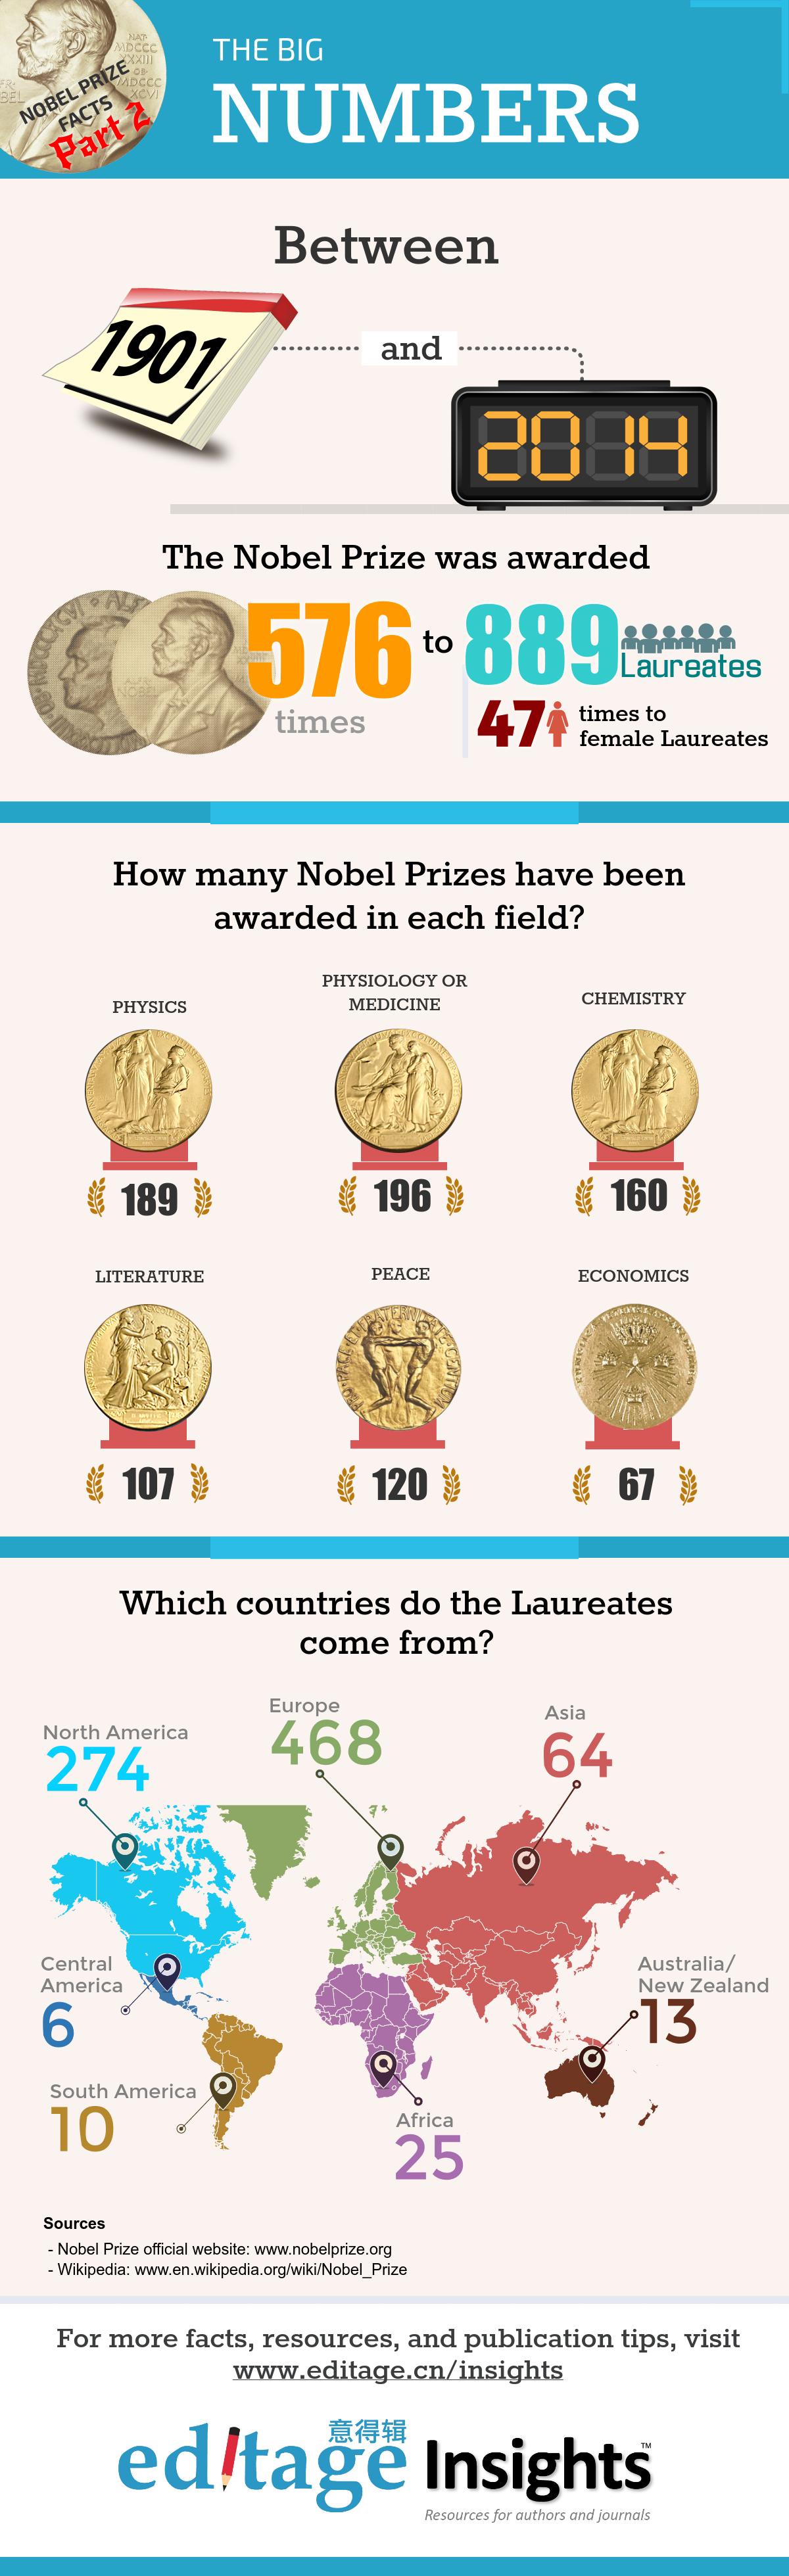 诺贝尔奖得奖者领域与国家分布回顾